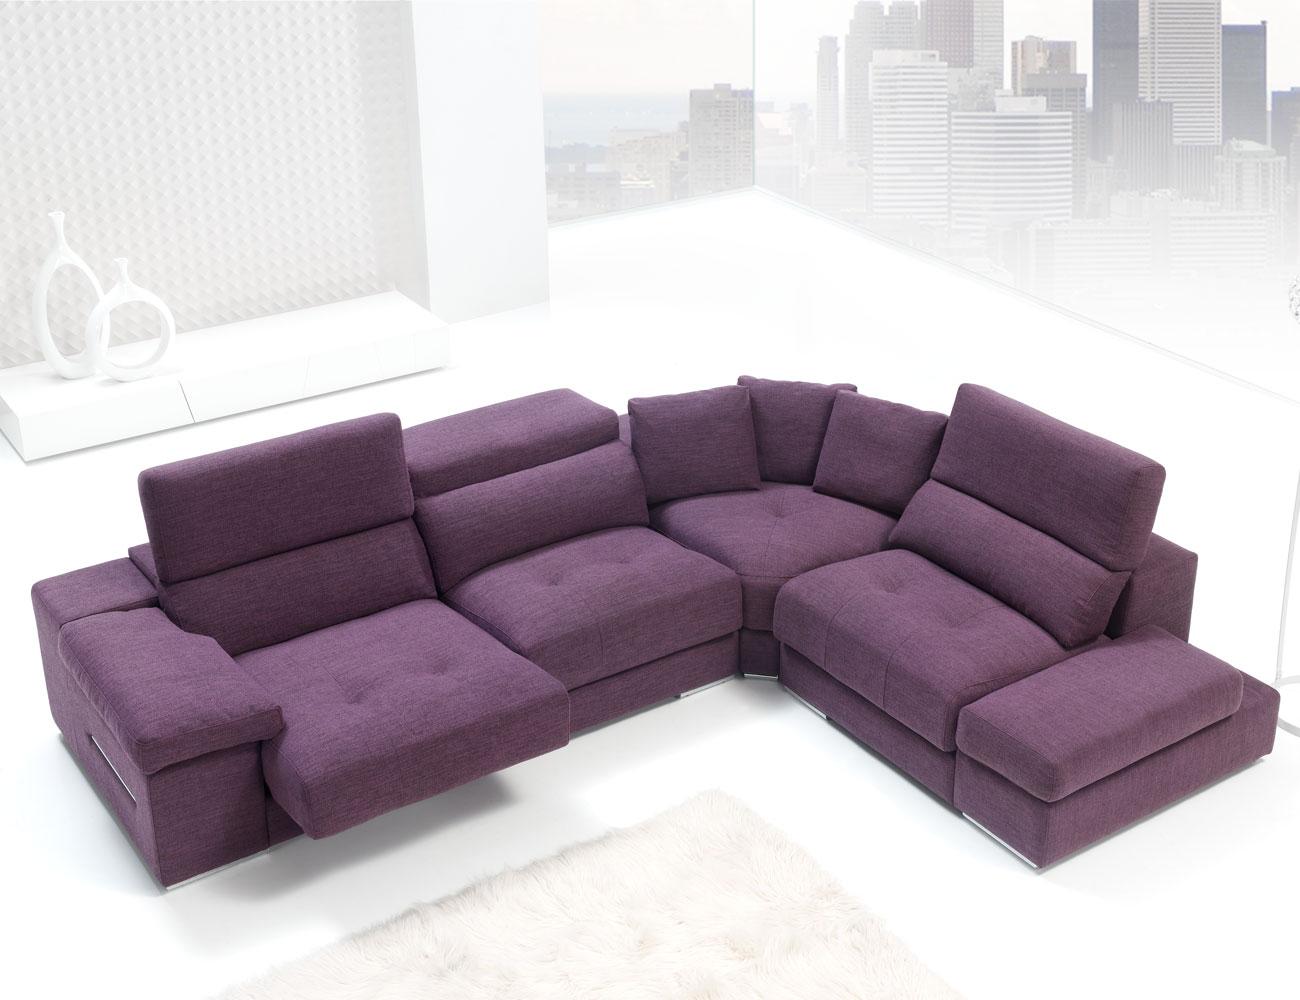 Sofa chaiselongue rincon con brazo mecanico tejido anti manchas 24